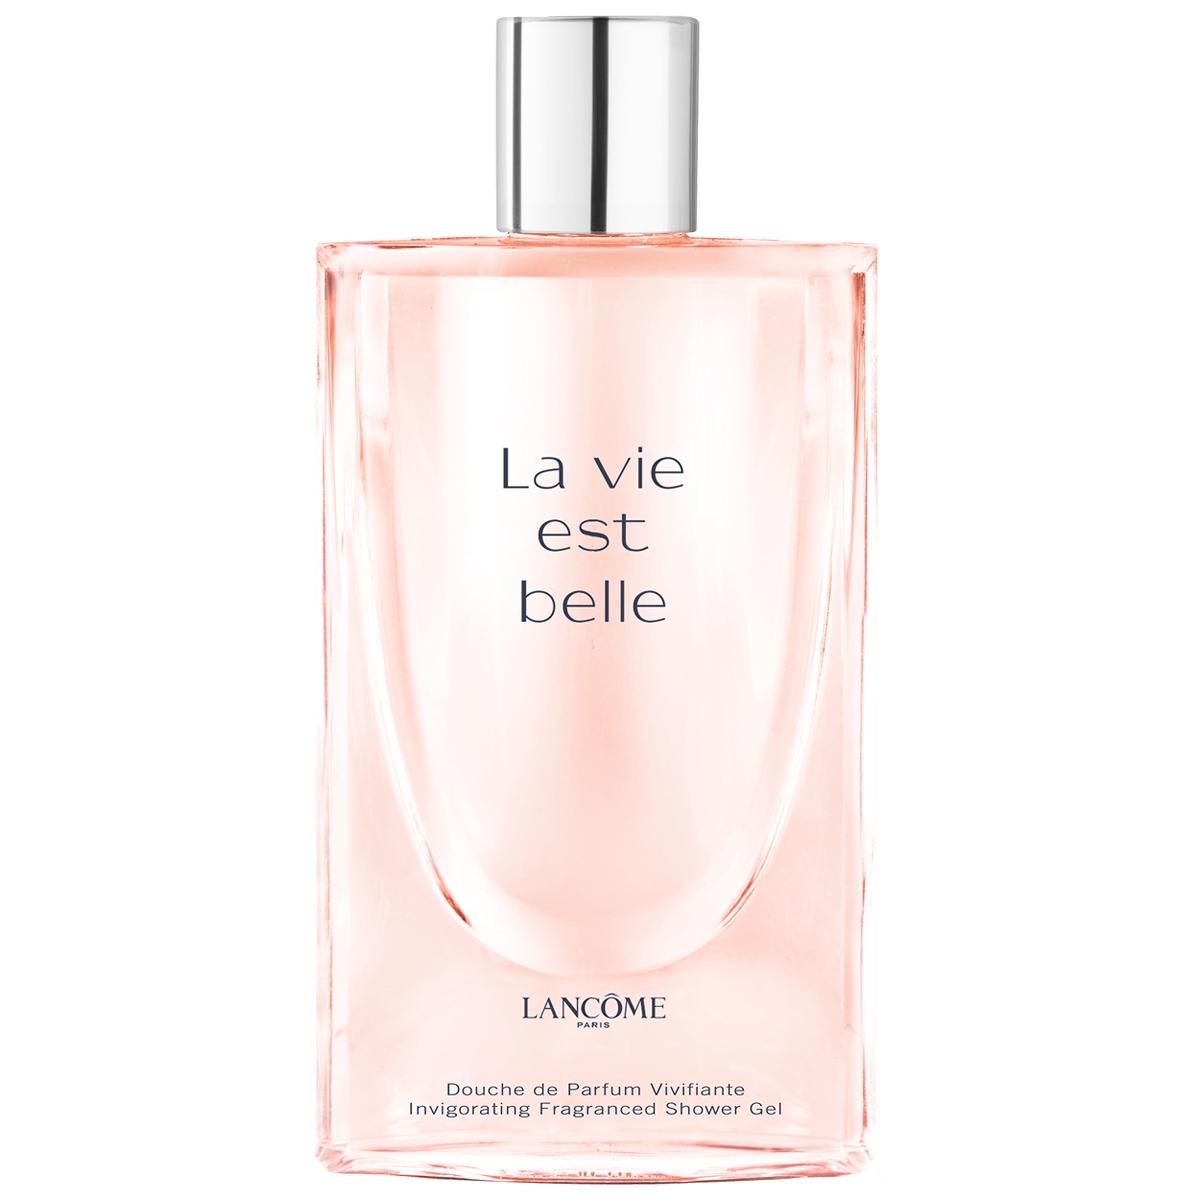 Lancôme - La vie est belle - Douche de Parfum Vivifiante 200 ml